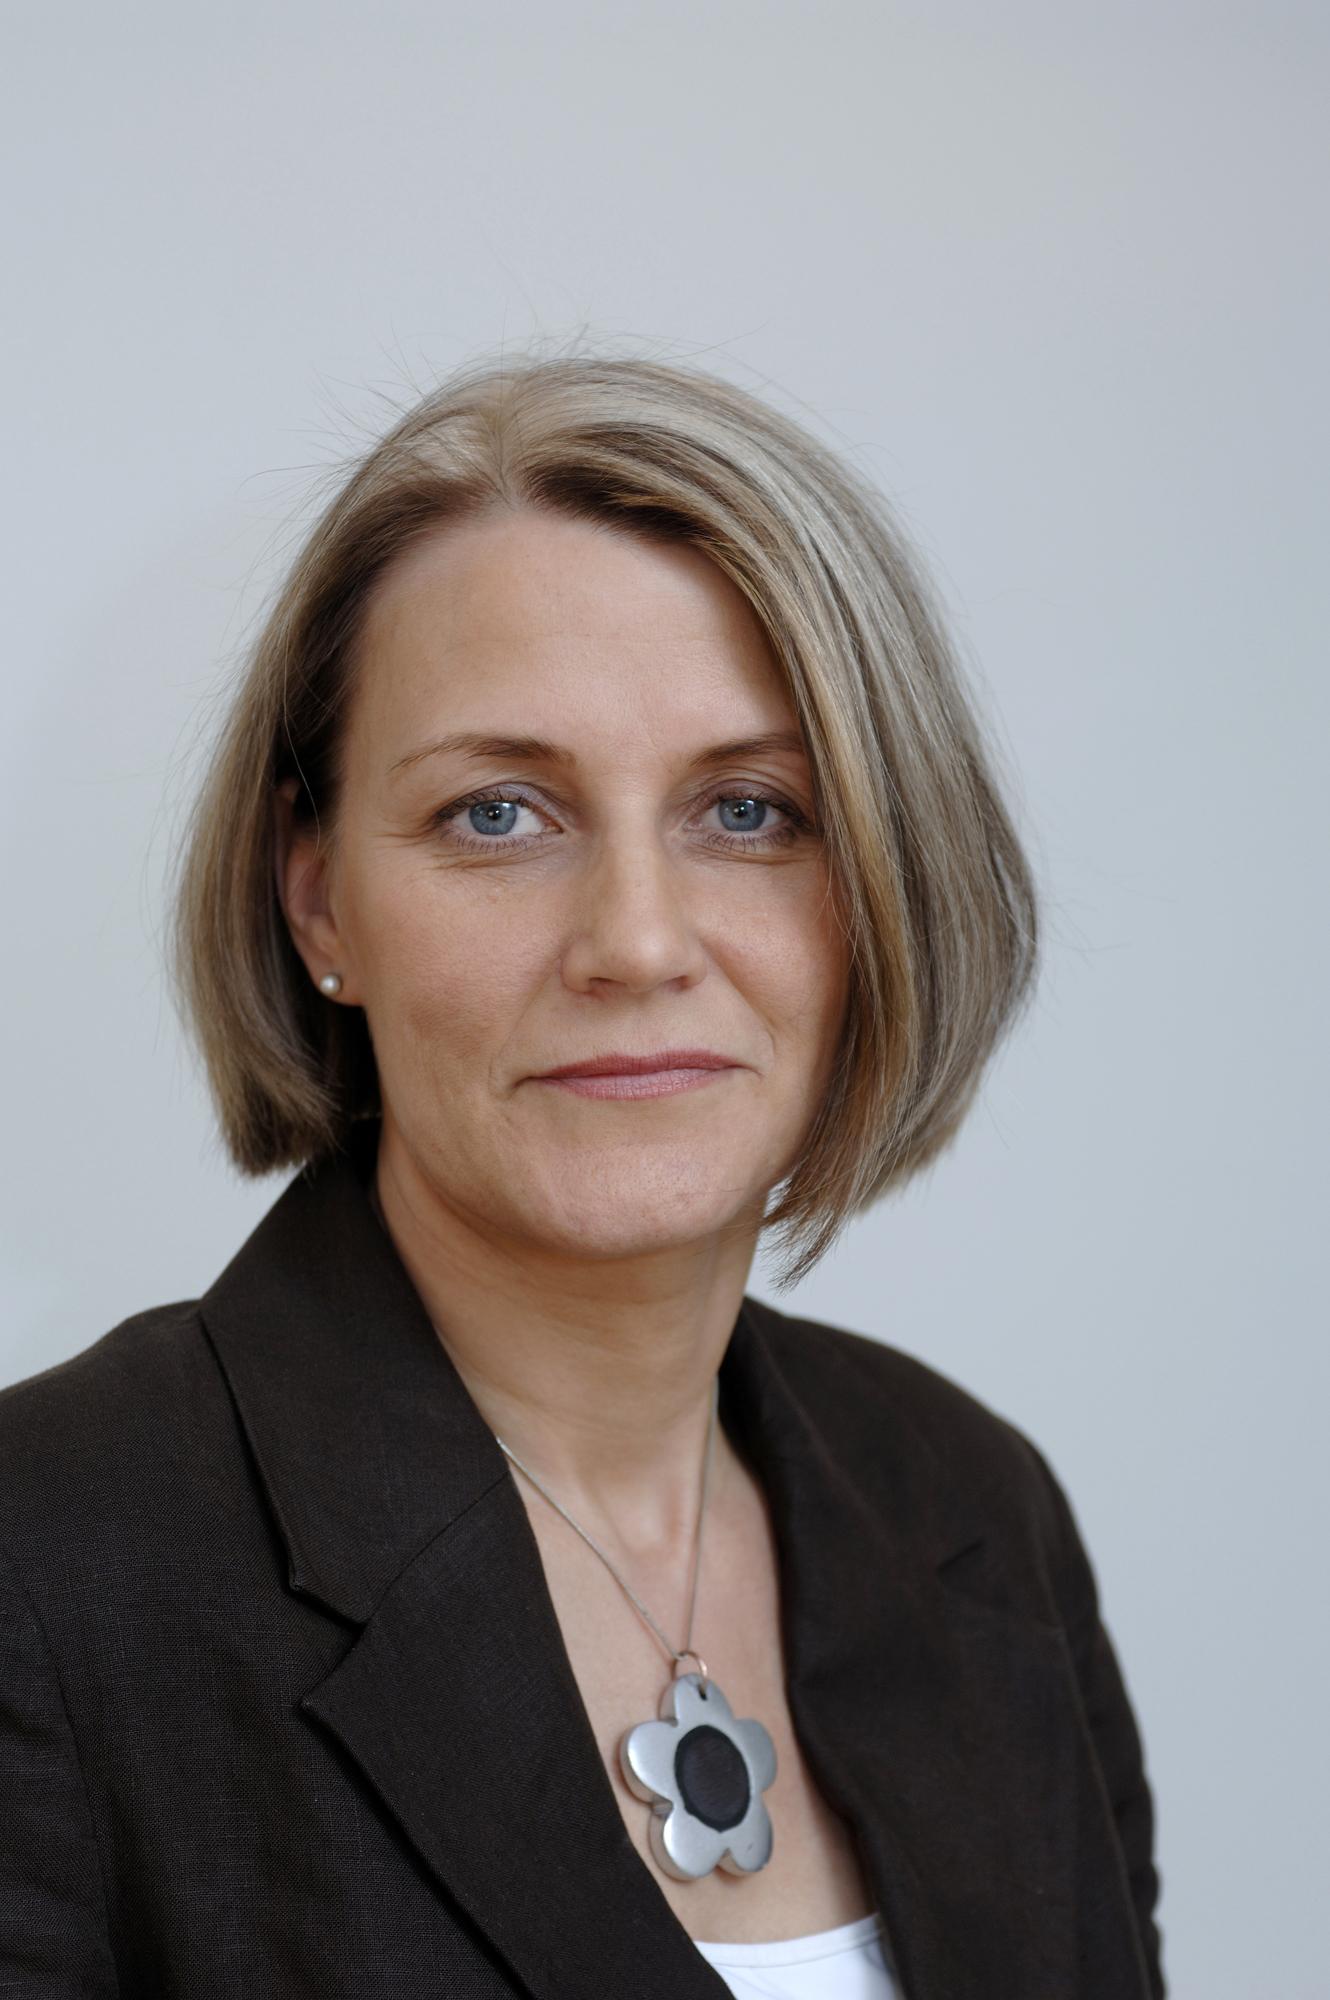 JAANA KORHOLA